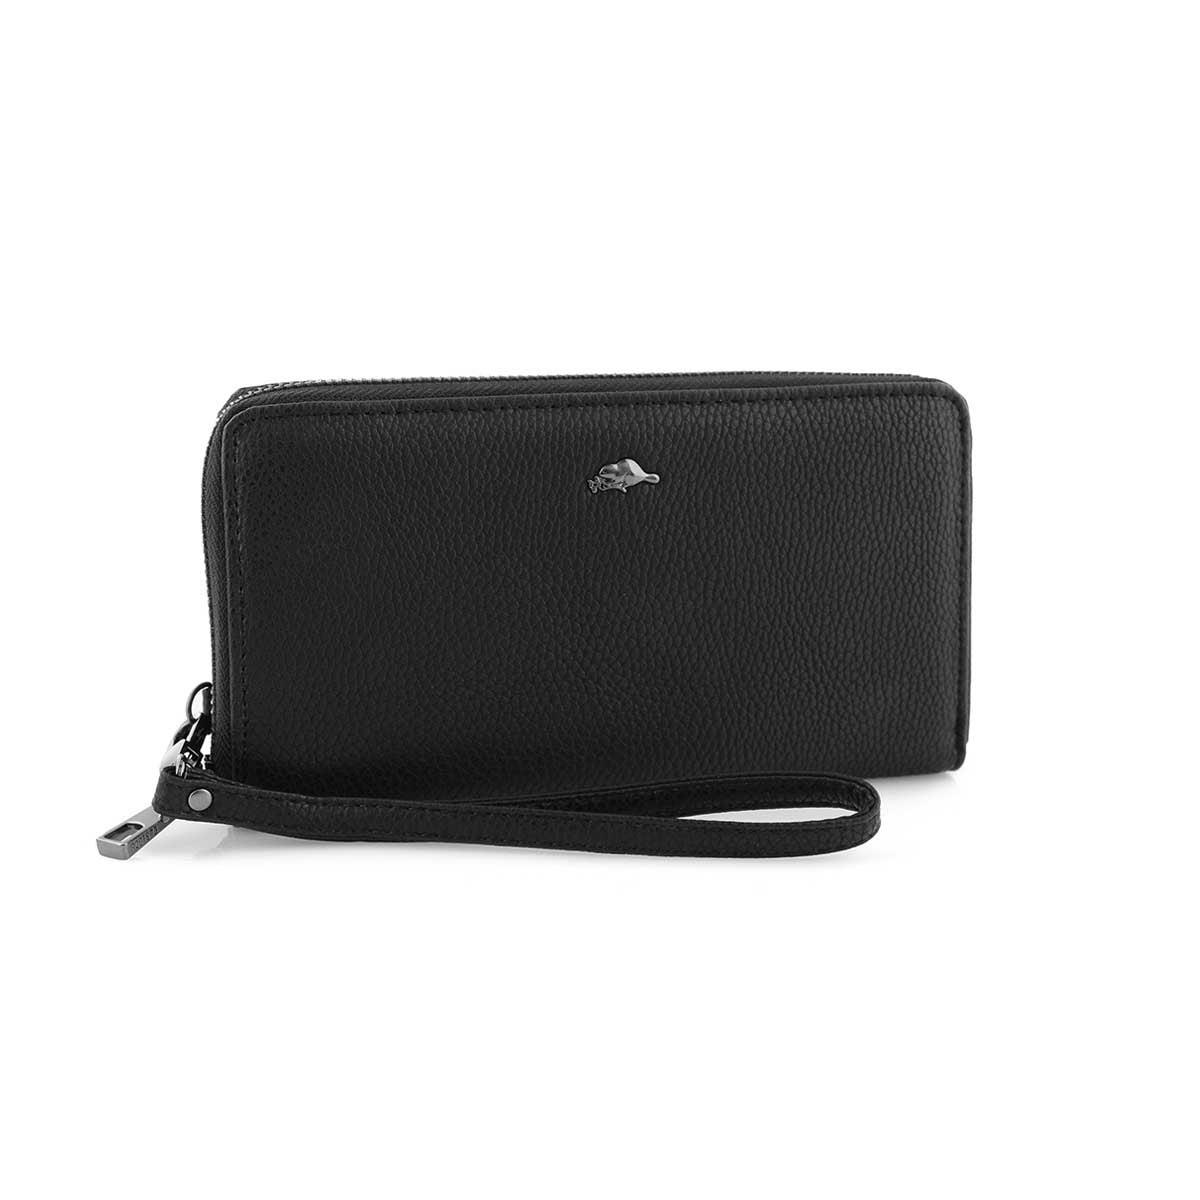 Lds Seneca black zip around wallet